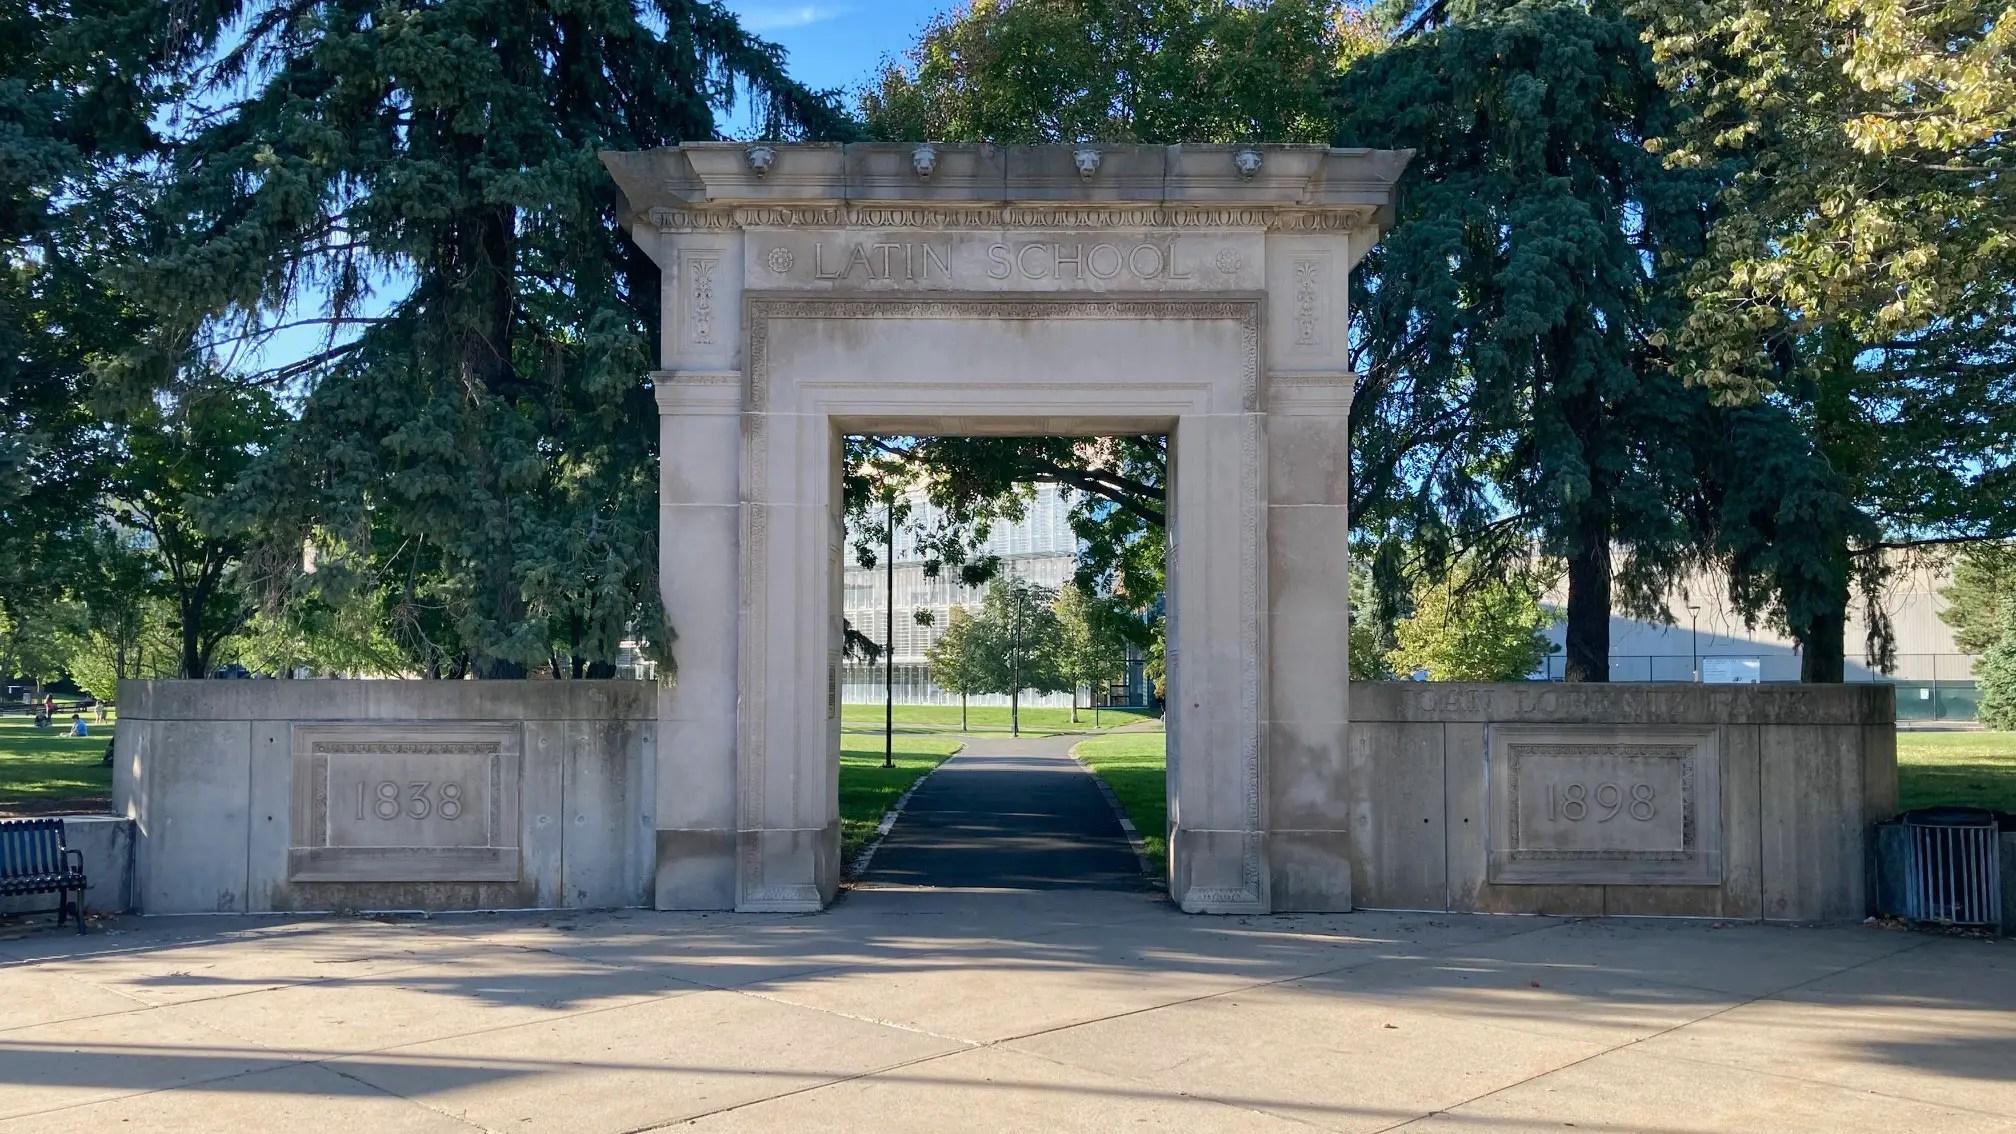 Joan Lorentz Park in Cambridge